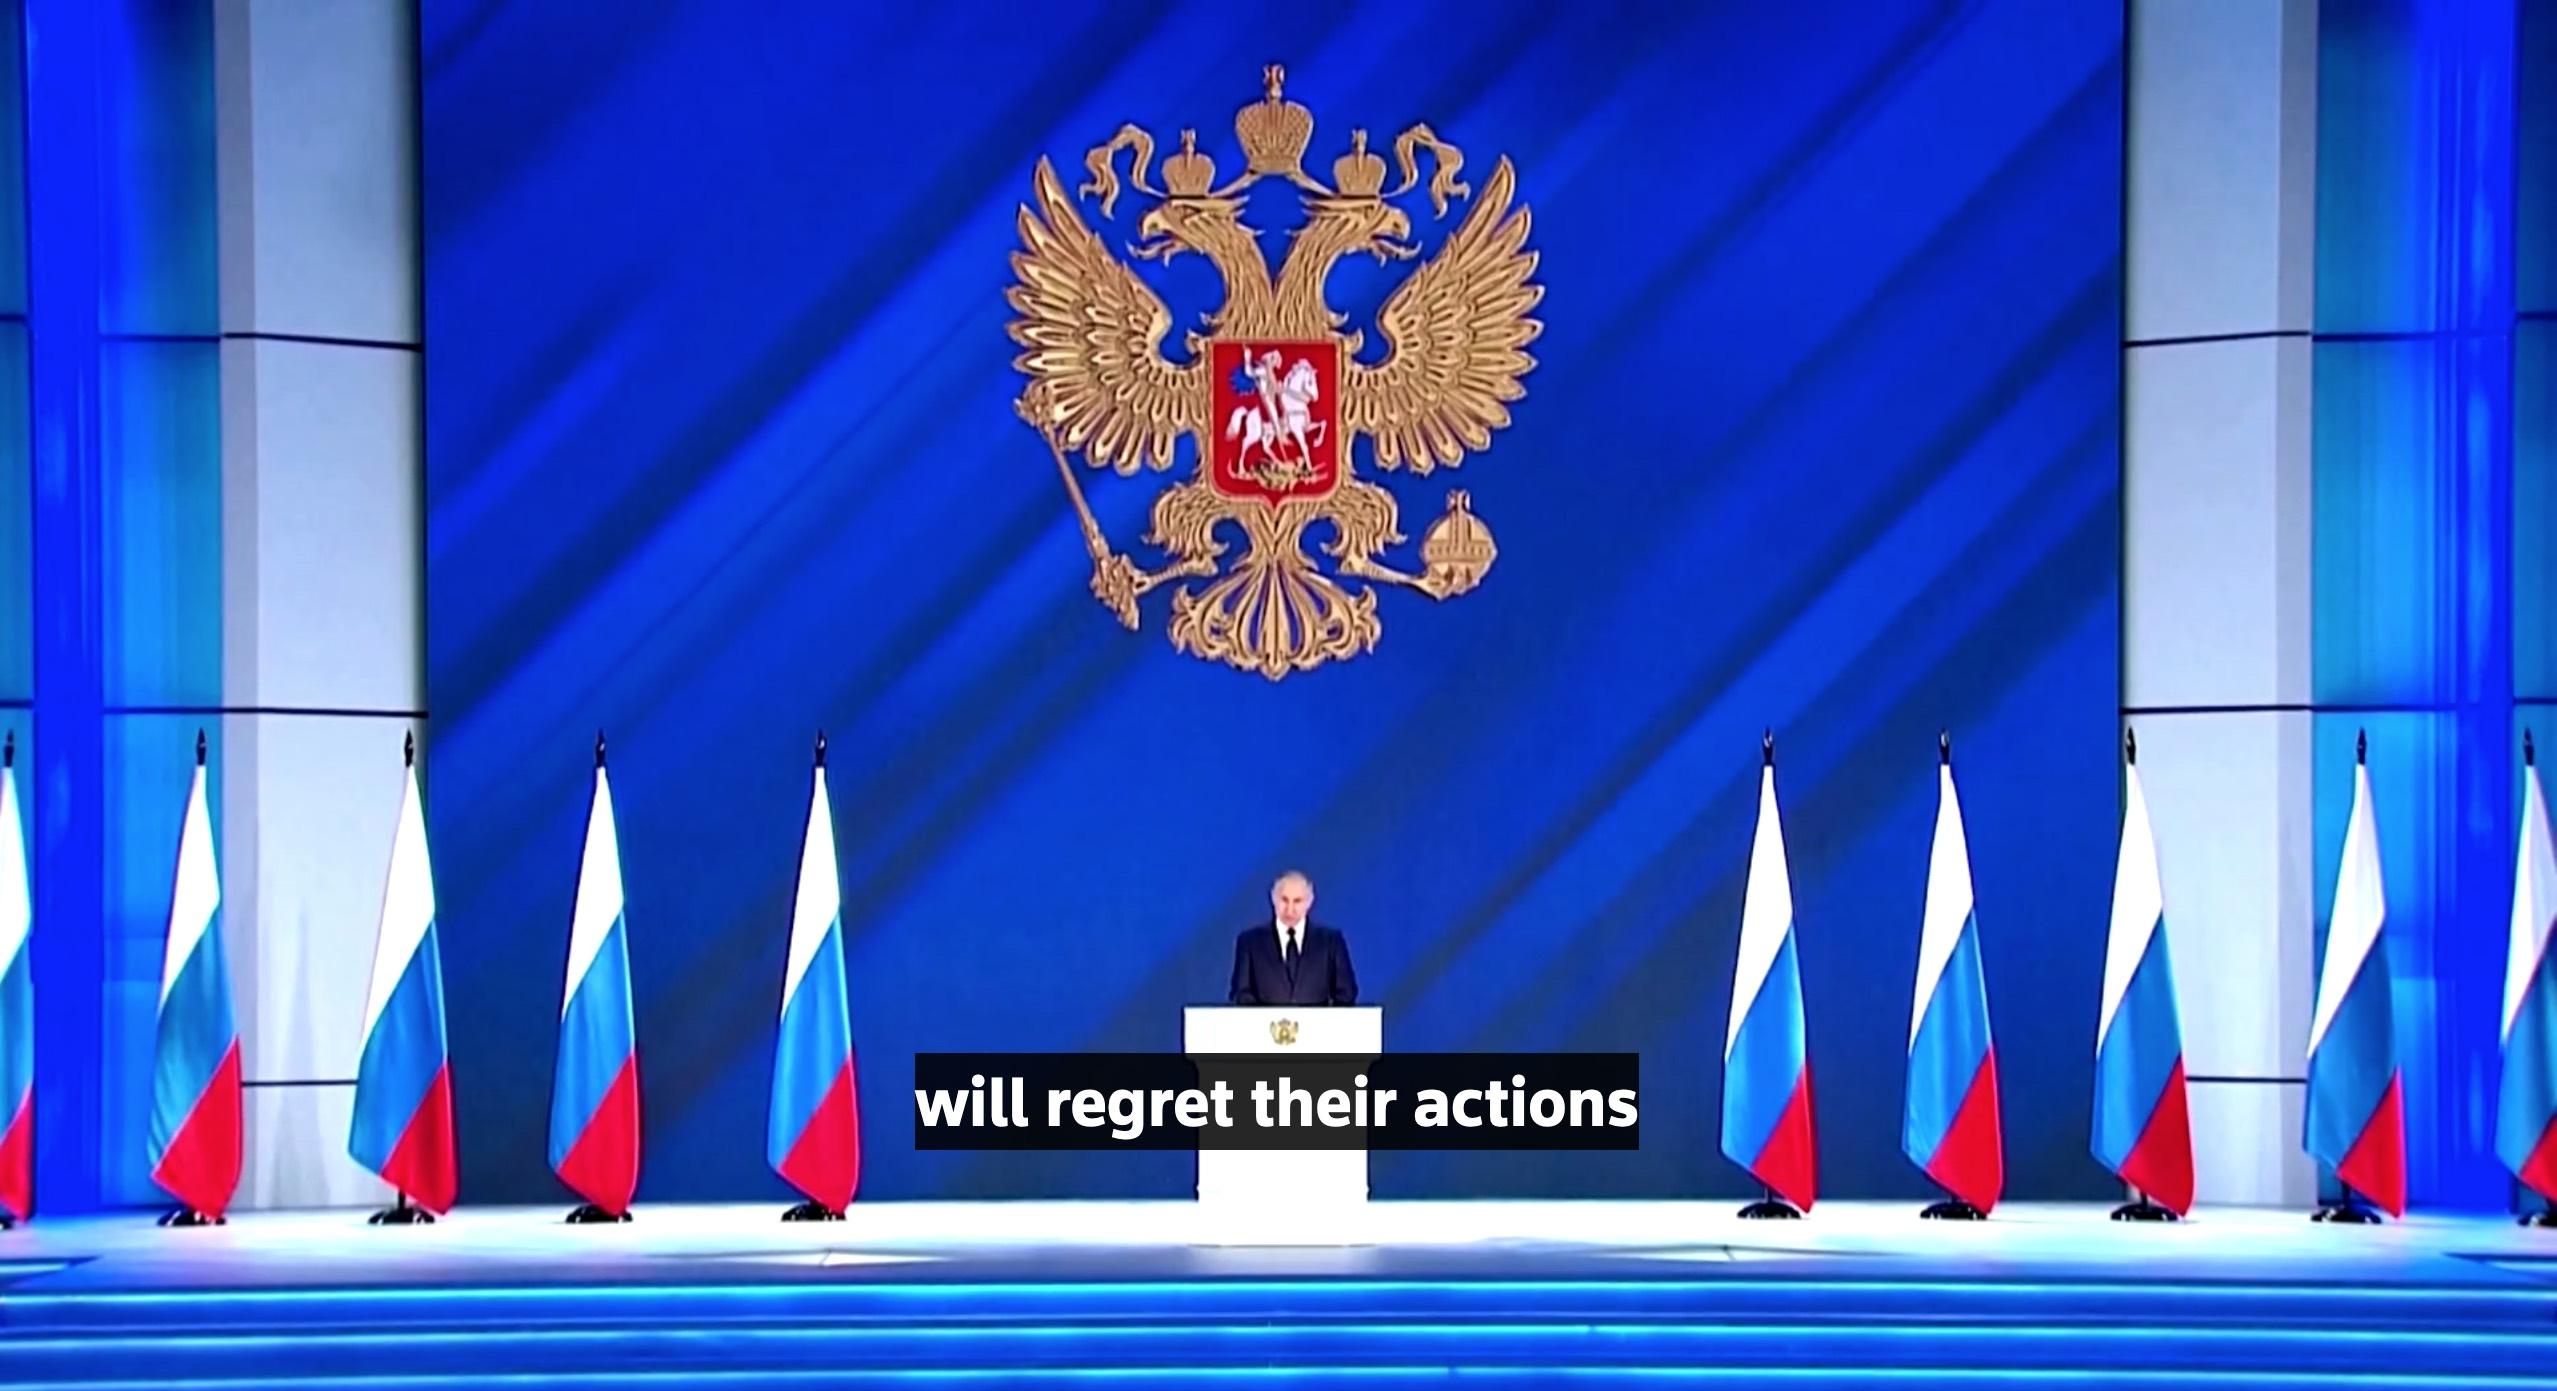 俄羅斯總統普京於4月21日在俄羅斯國會發表國情諮文